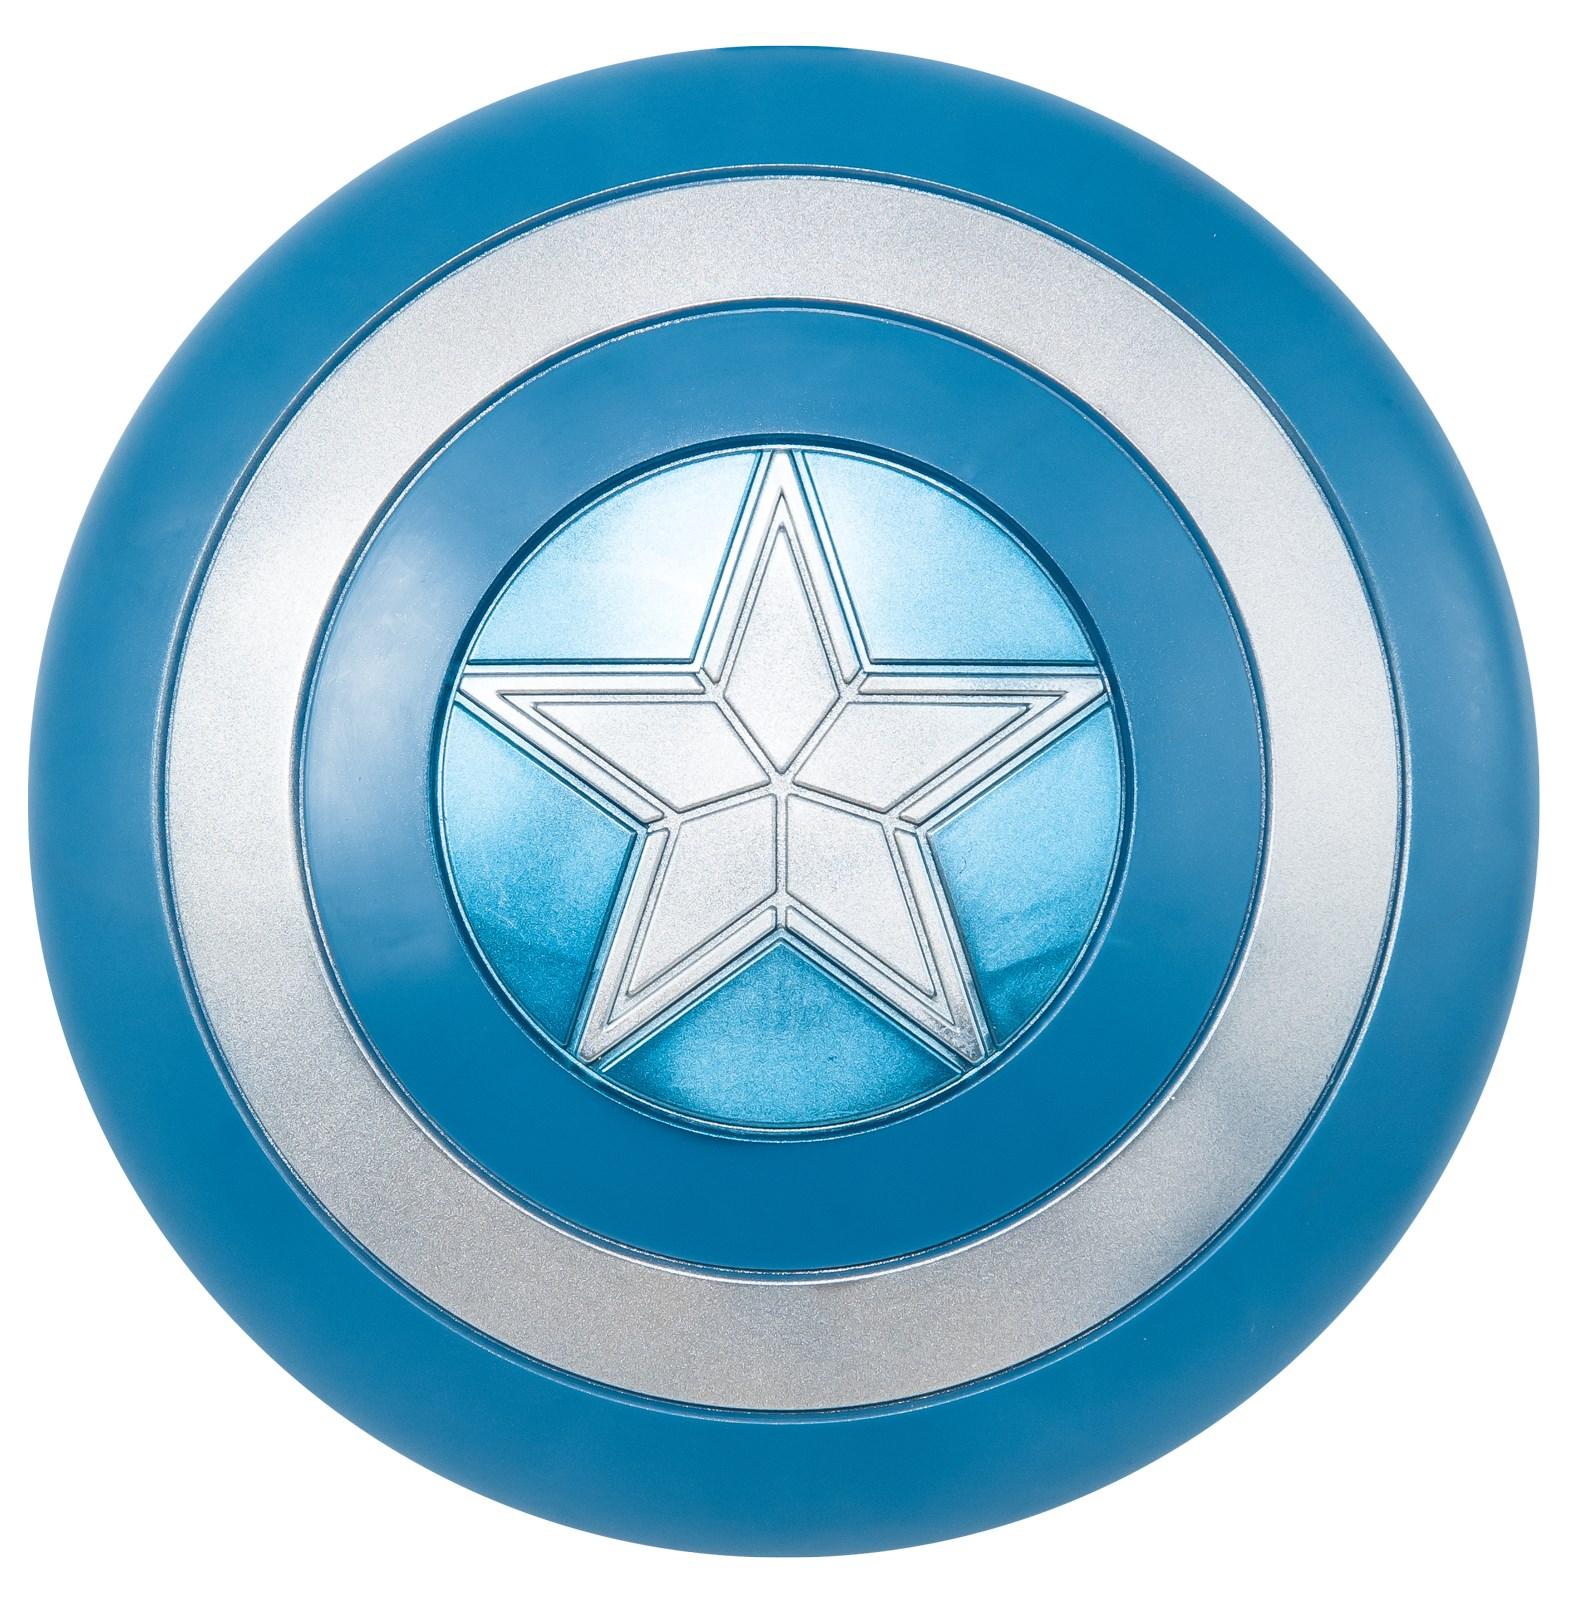 Captain America Winter Soldier - Child Stealth Captain America Shield